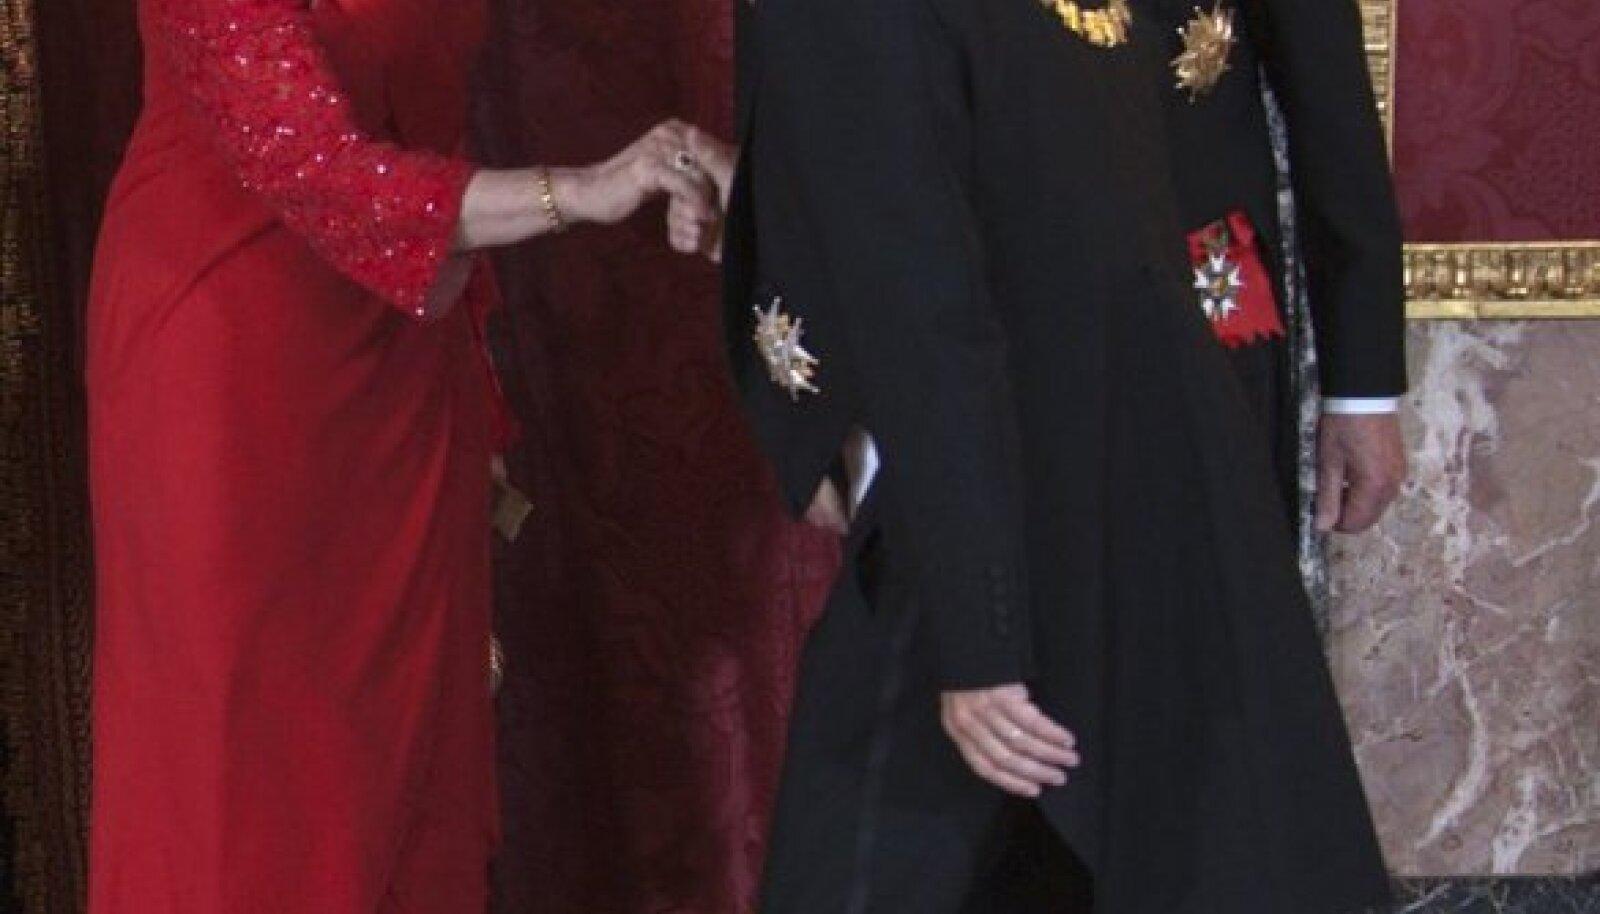 Hispaania kuningas Juan Carlos I ja kuninganna Sofia võtmas vastu Prantsusmaa presidendi Nicolas Sarkozy tervitusi (27. aprillil Madridi kuninglikus palees).